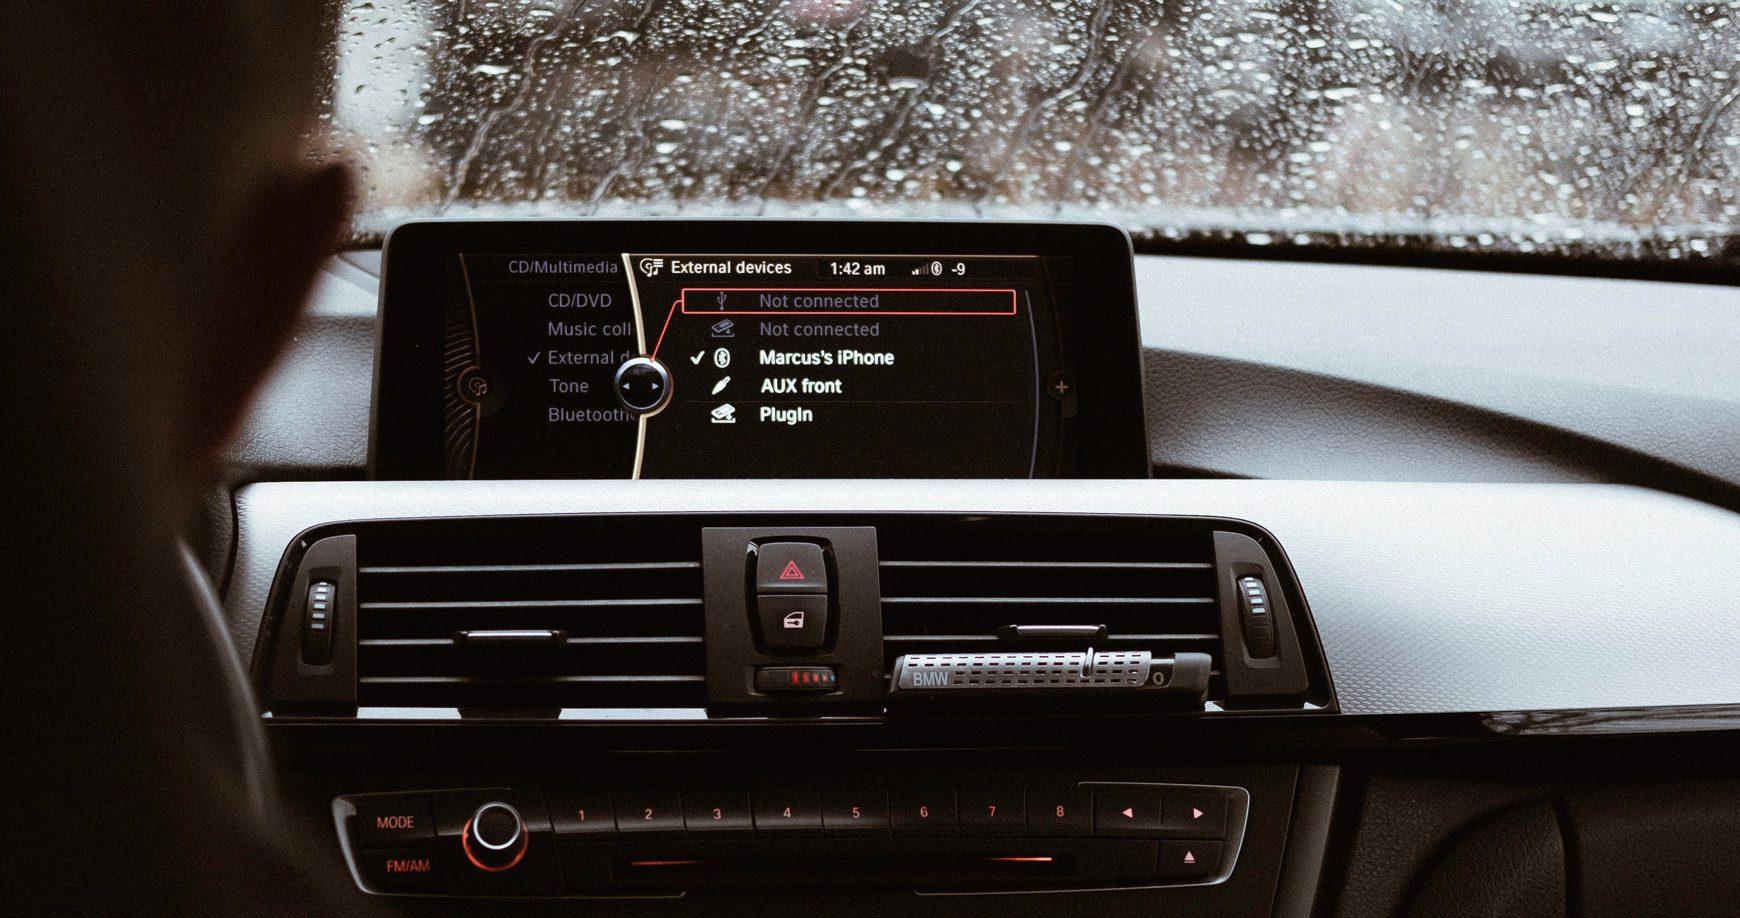 Z vozidiel Volkswagen a Ford unikajú dáta, technici zistili názov a heslo od Wi-Fi výrobnej linky